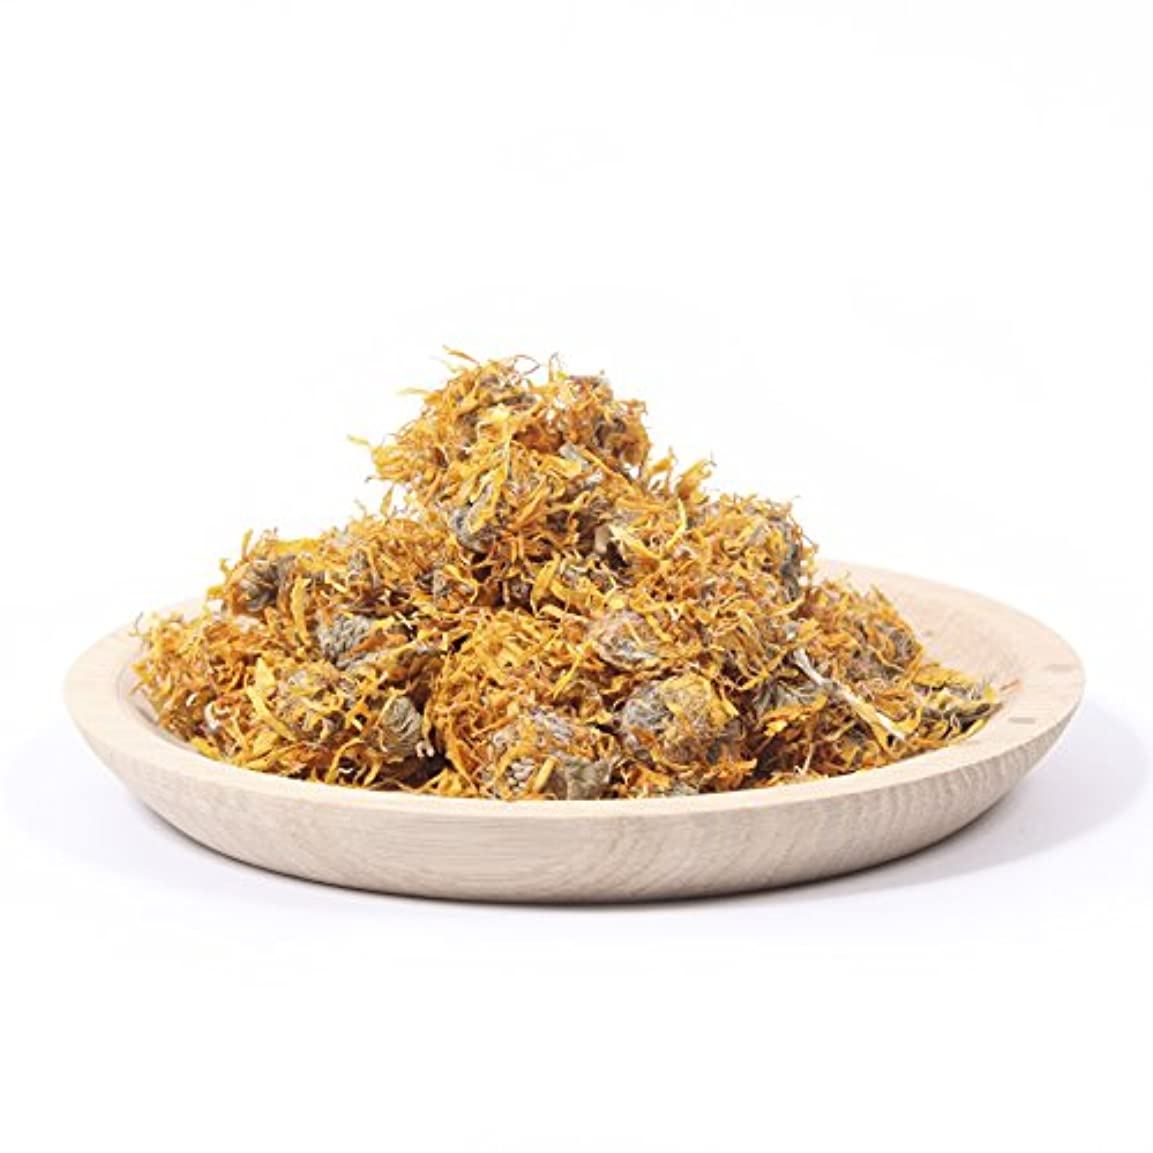 創傷マウス石膏Dried Marigold Petals - 100g